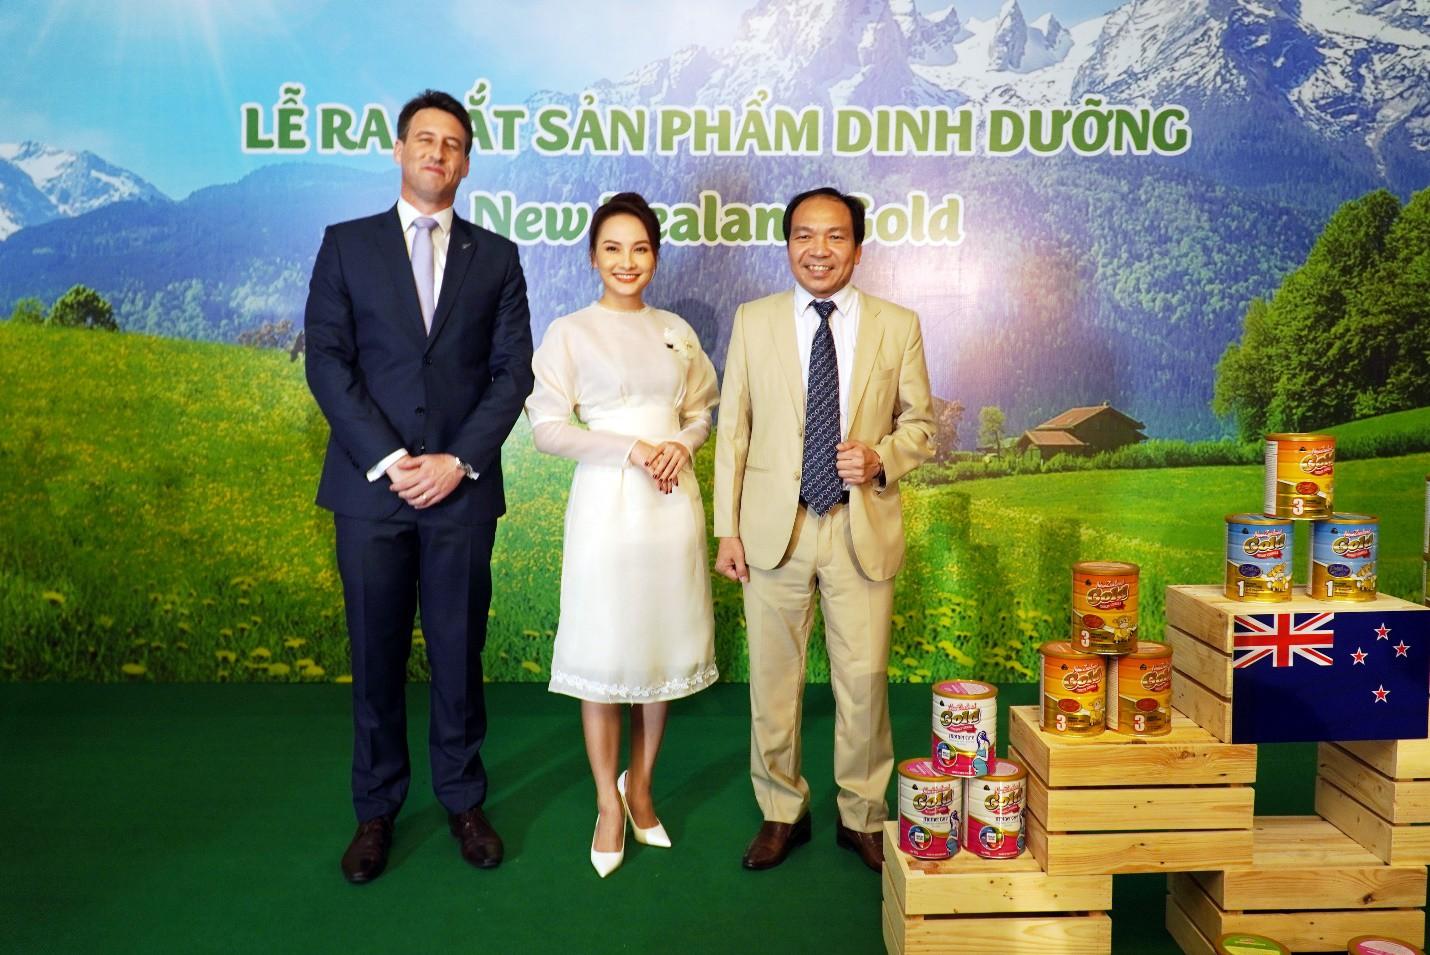 Thị trường sữa xuất hiện dòng sữa thiên nhiên từ New Zealand được nhãn dược uy tín hàng đầu Việt Nam bảo trợ chất lượng - Ảnh 2.